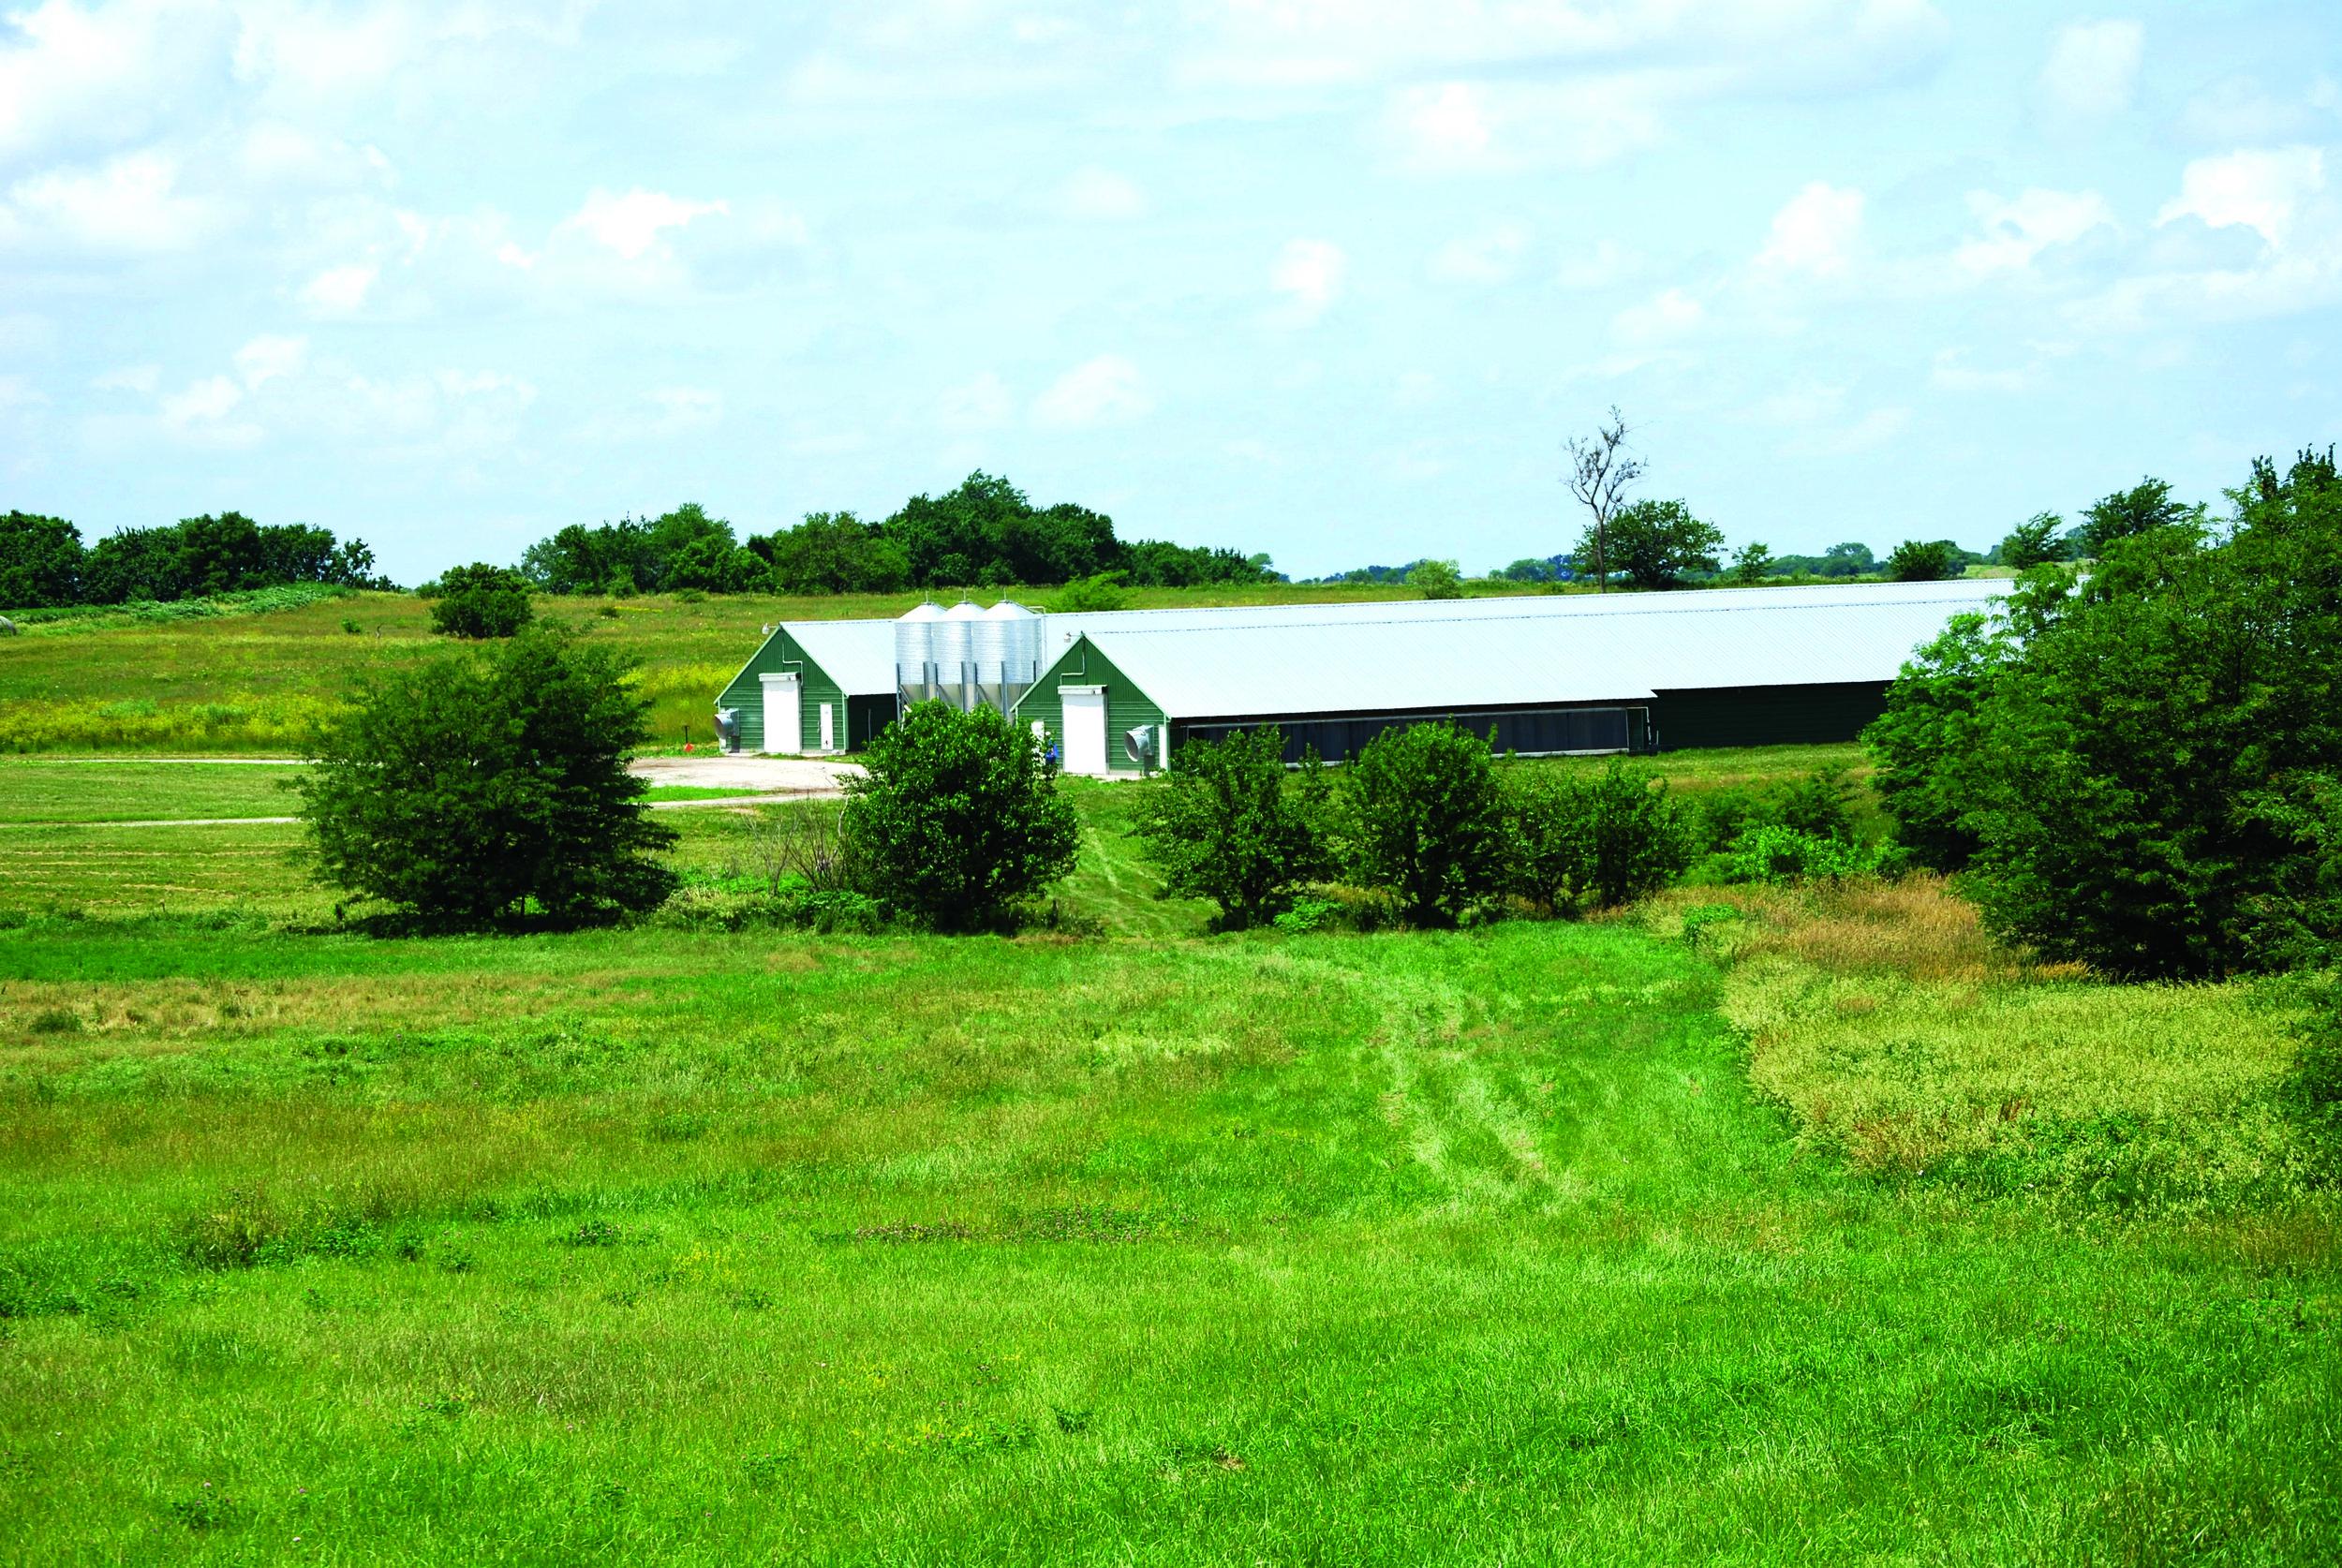 SC-Farm and barn.jpg